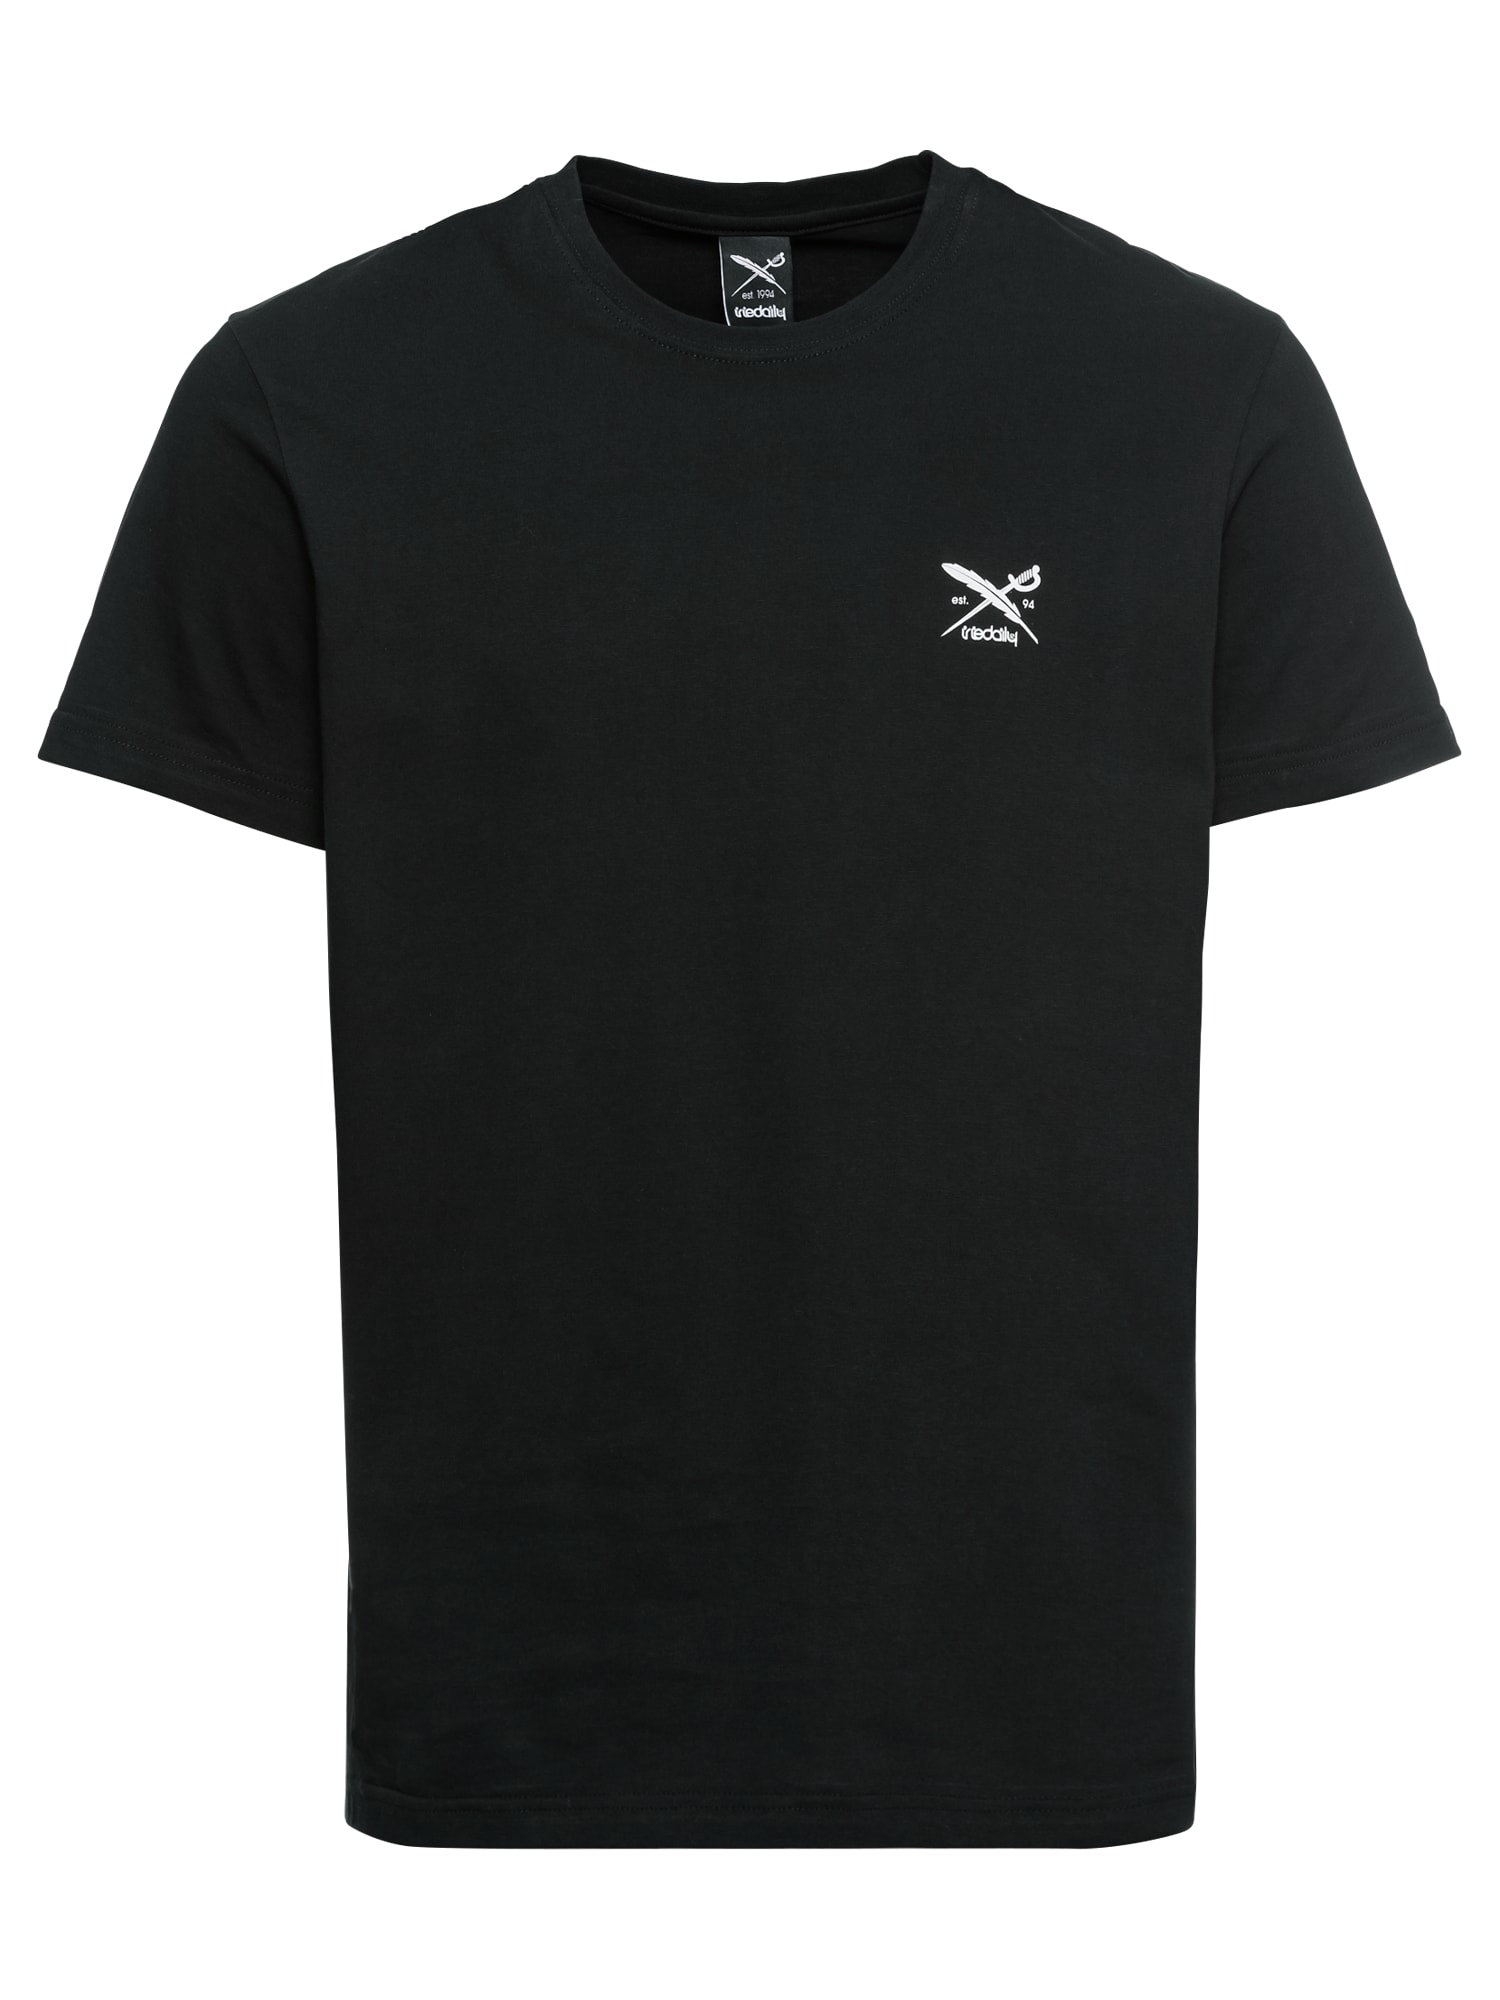 Tričko Chestflag Tee černá bílá Iriedaily